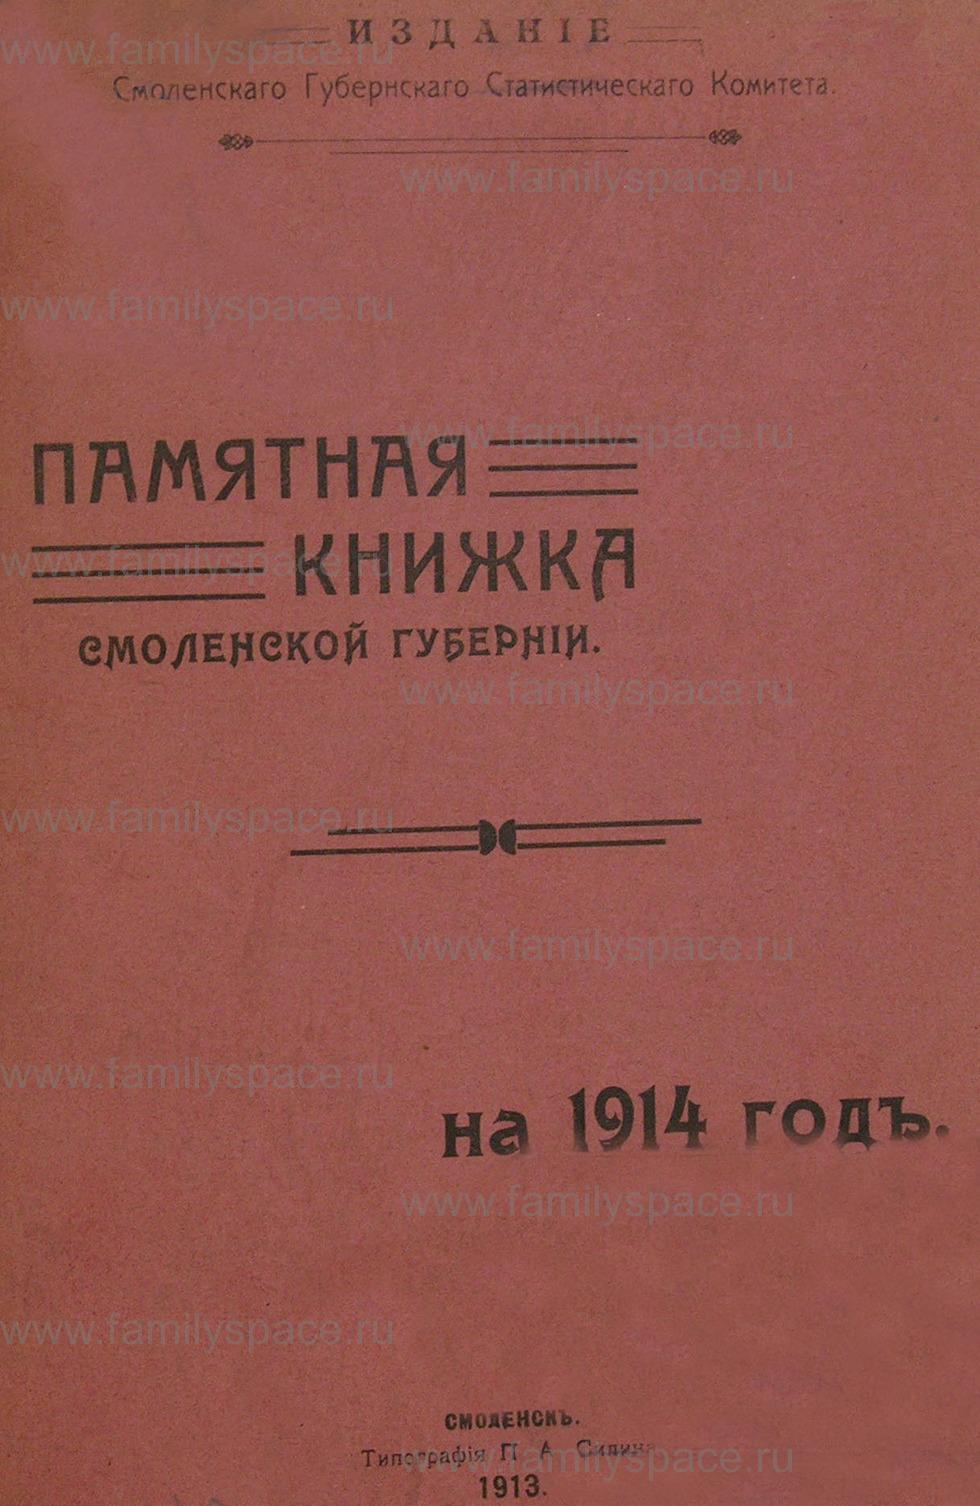 Поиск по фамилии - Памятная книжка Смоленской губернии на 1914 год, страница -2